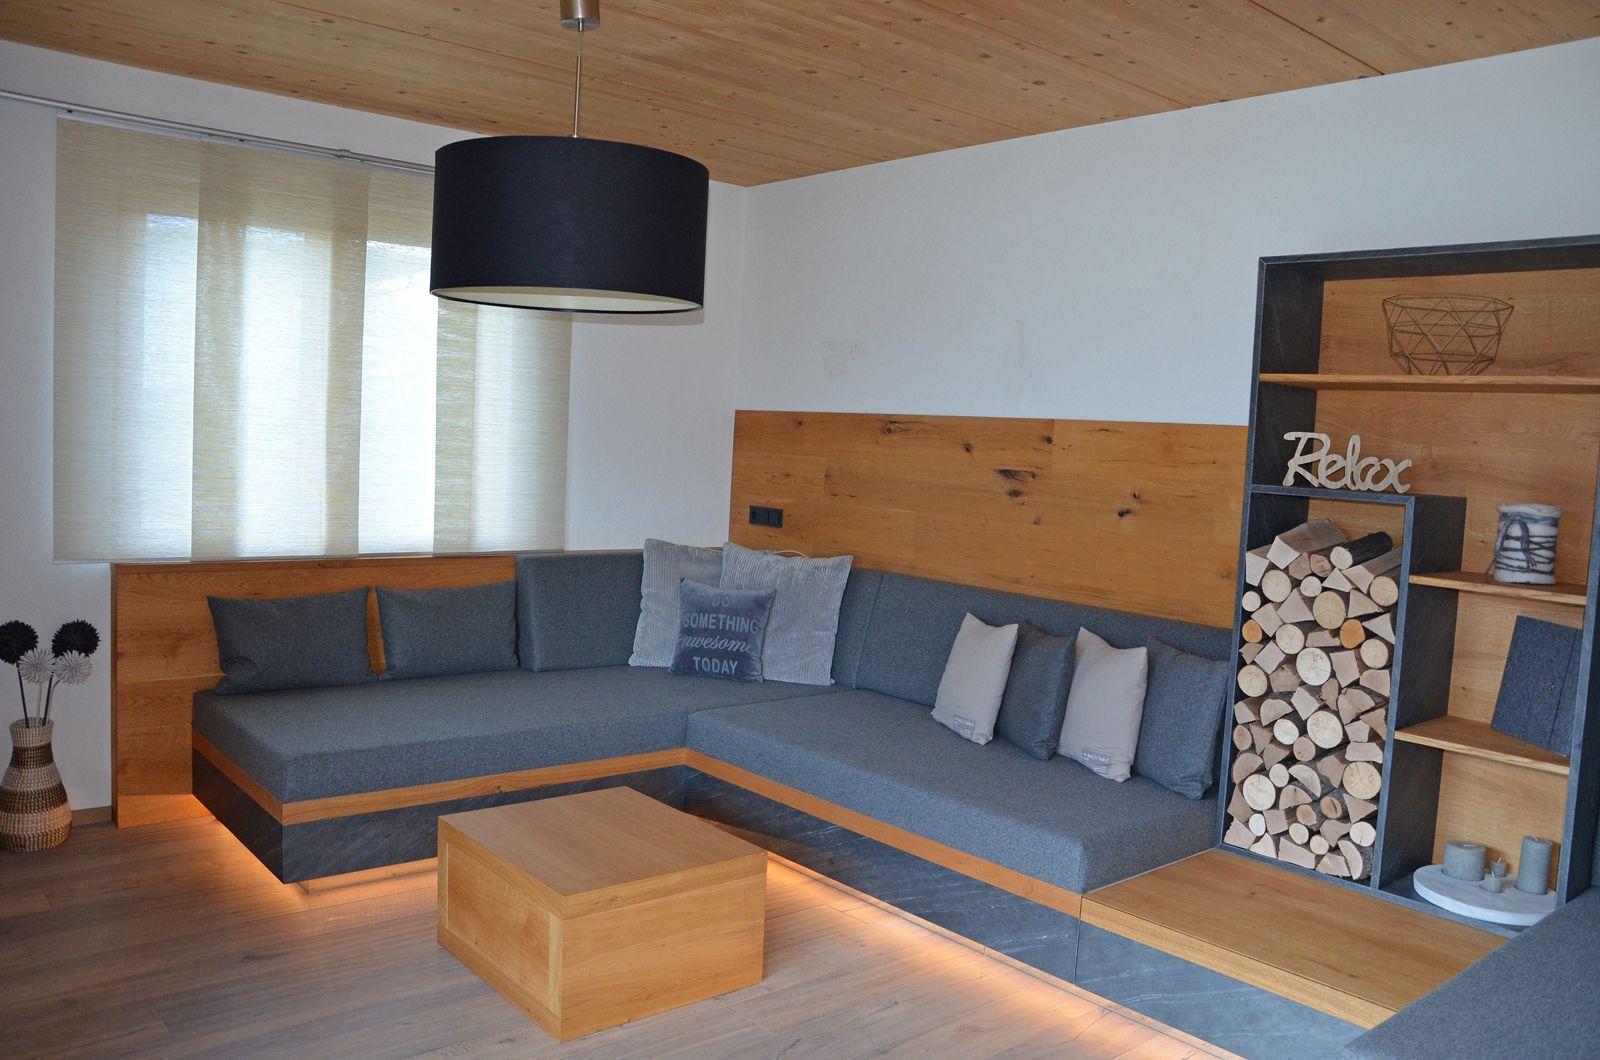 Tischlerei Buchauer: Wohnzimmer in Eiche geölt, kombiniert mit